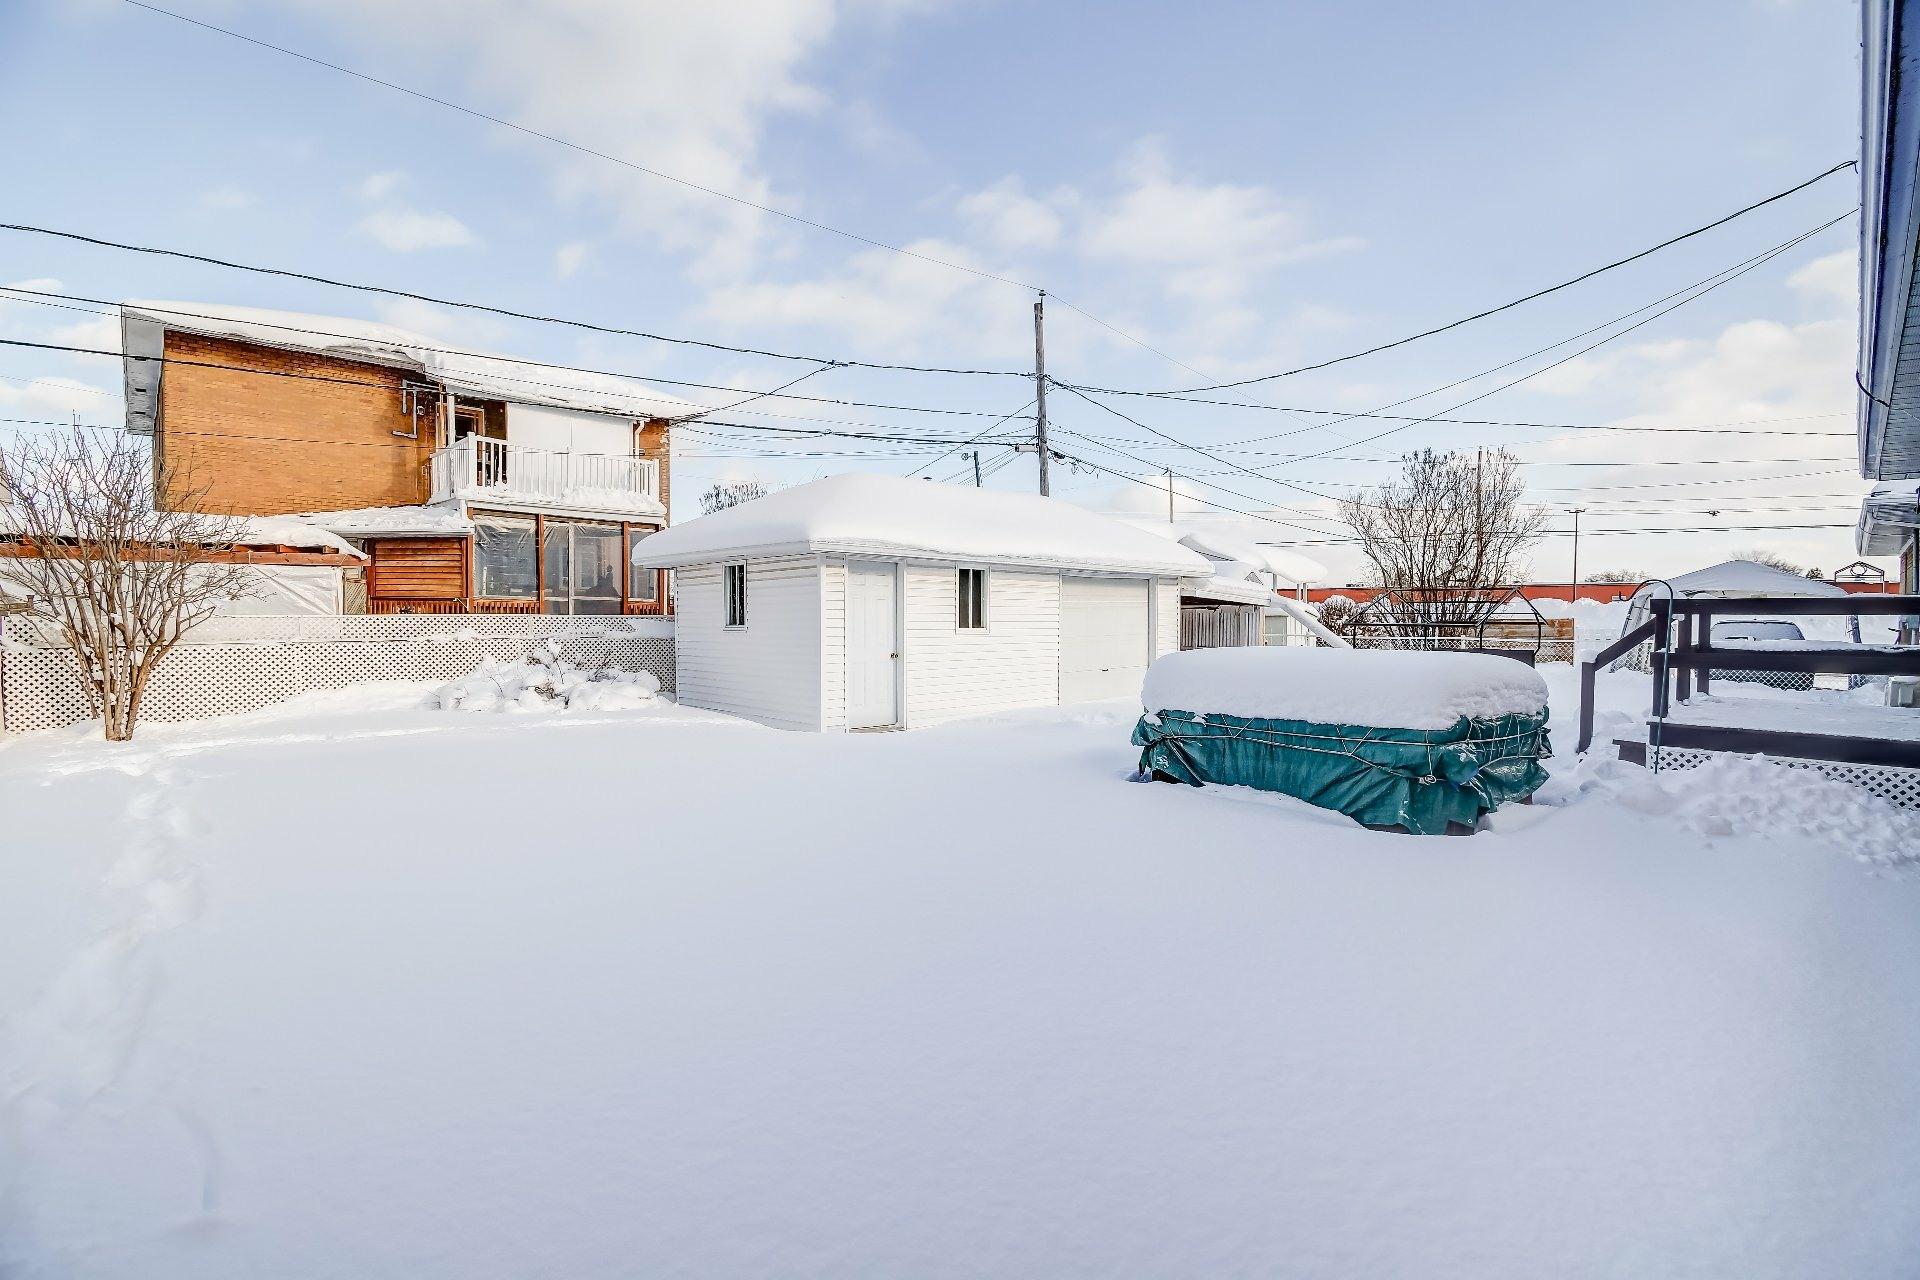 image 26 - Maison À vendre Trois-Rivières - 7 pièces